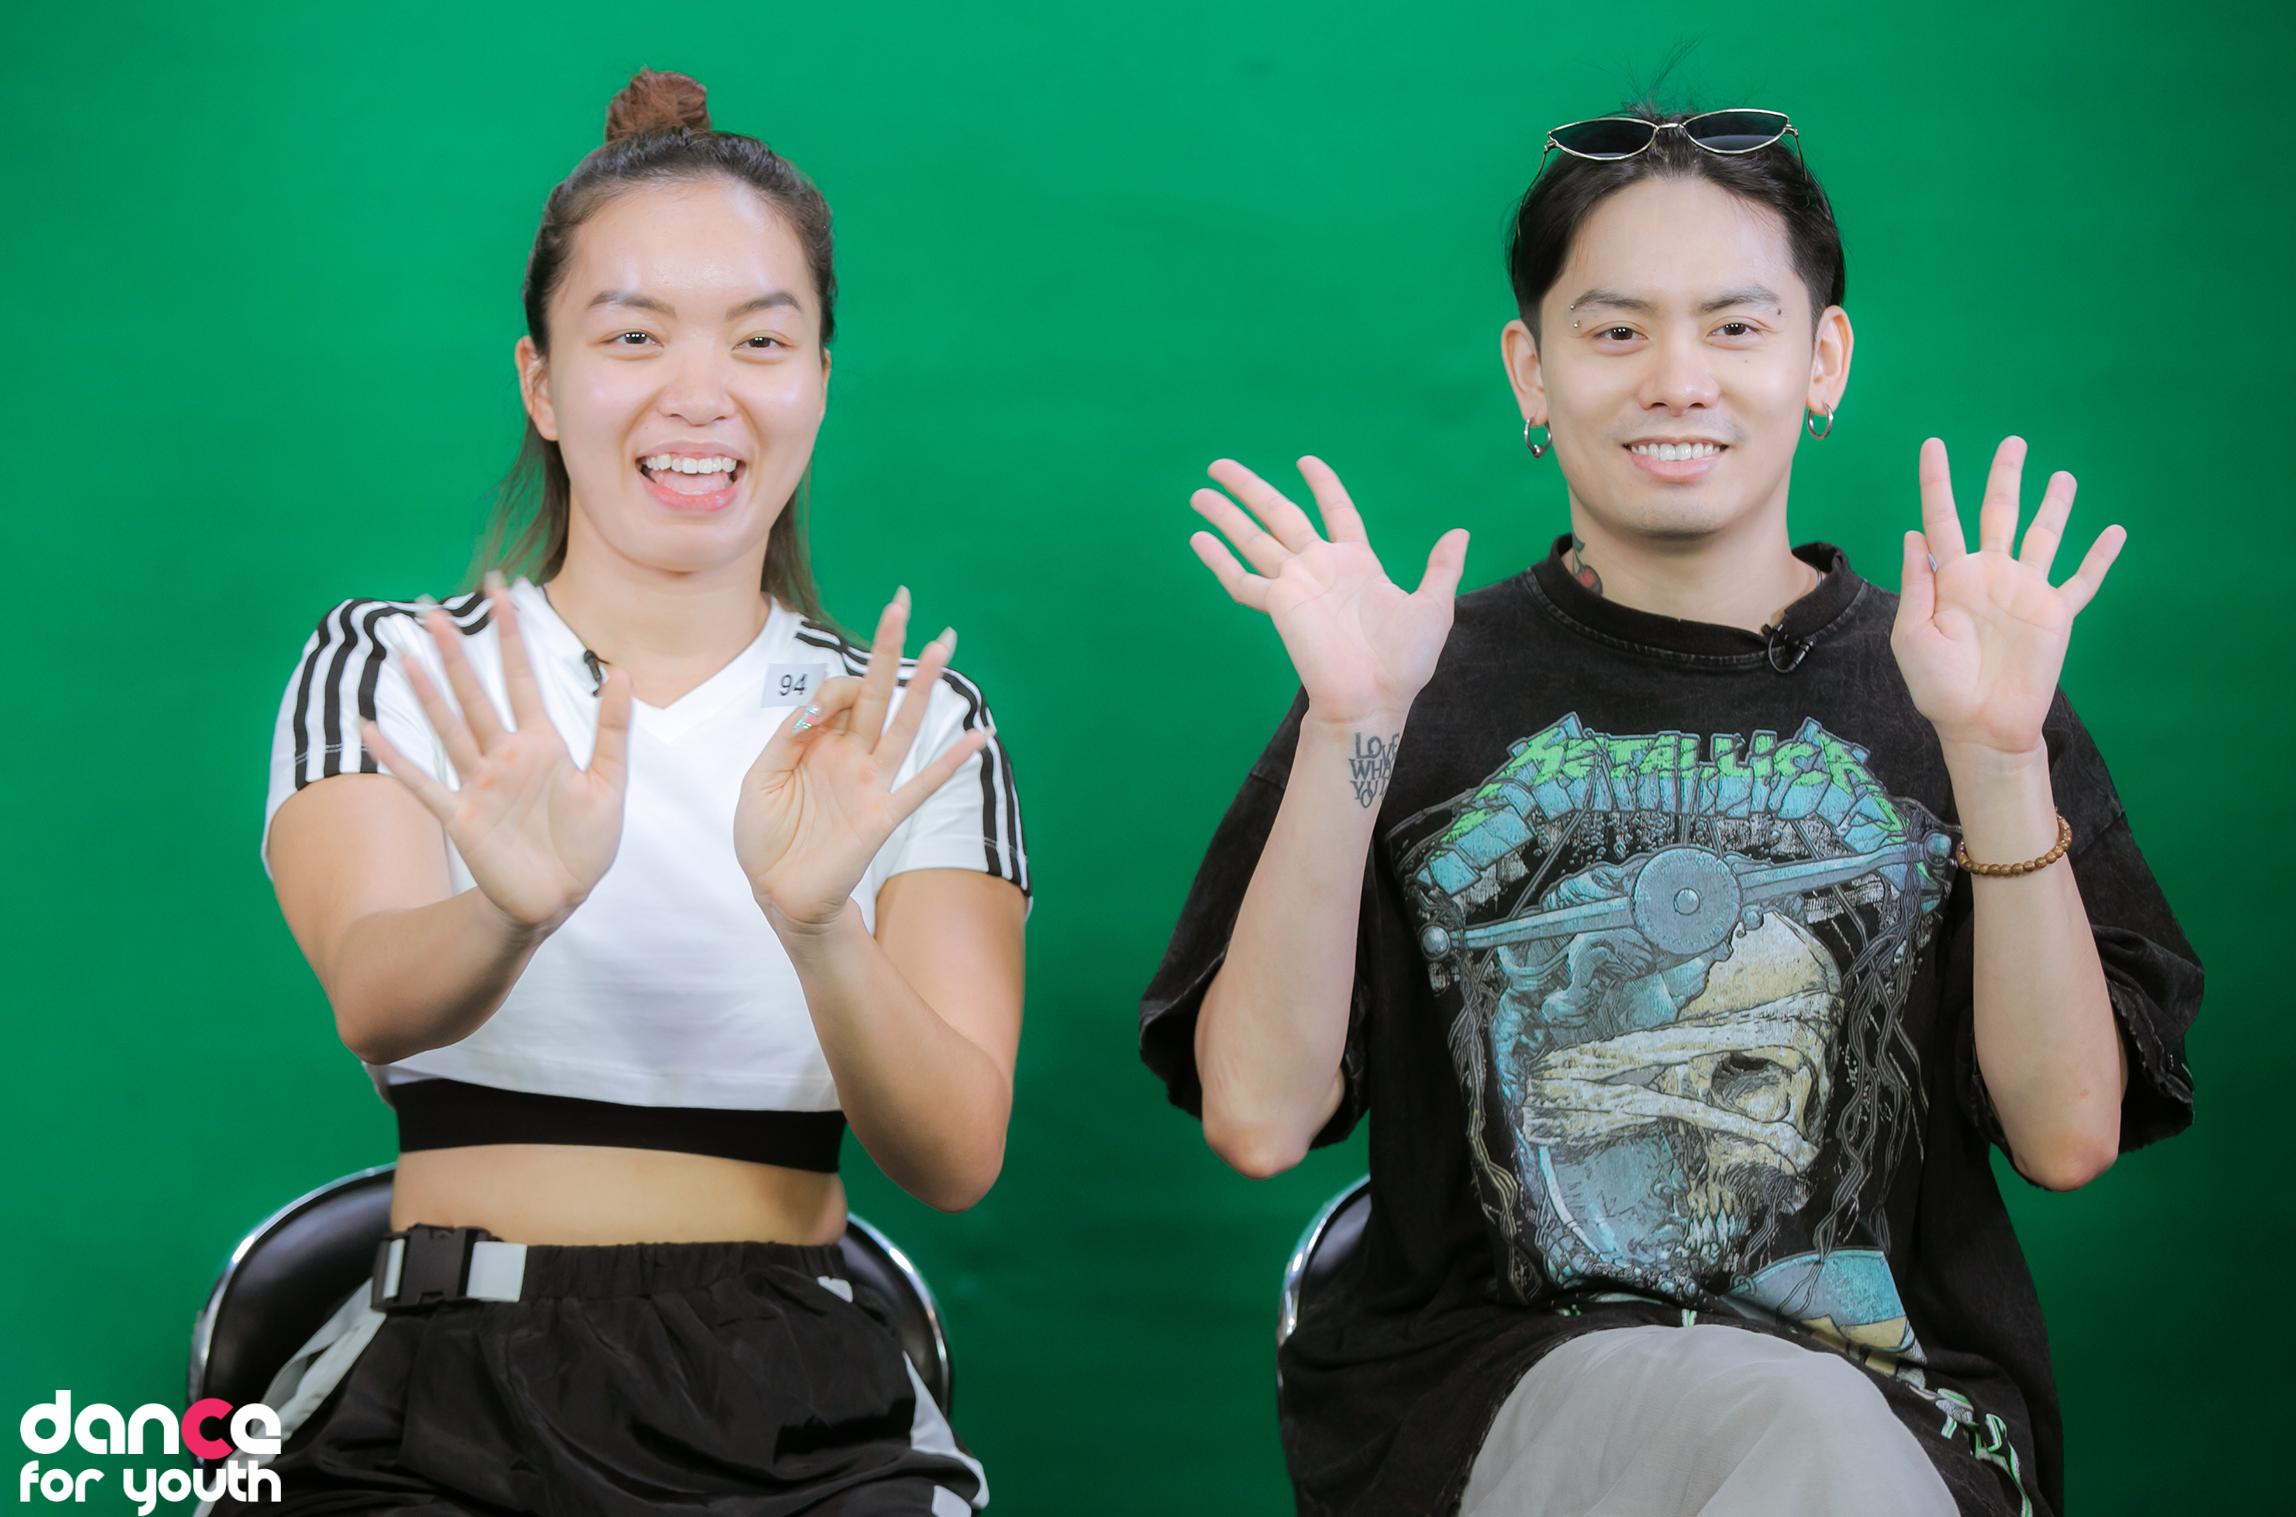 Đức Việt, giám khảo của cuộc thi Dance For Youth, khuyên các thí sinh sáng tạo, tự tin.